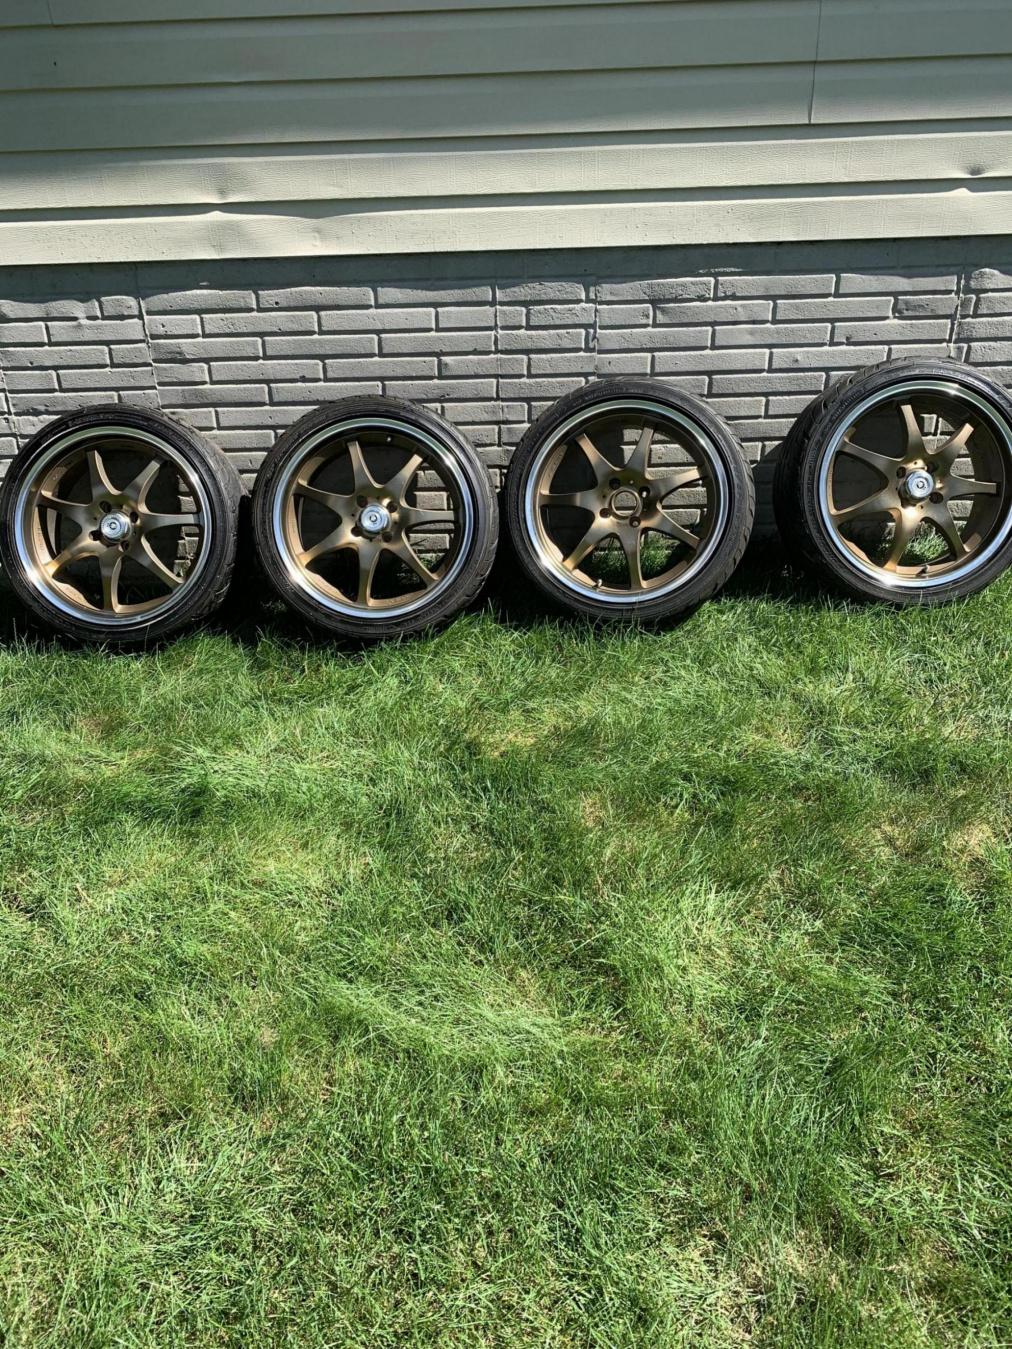 18 inch konig next copper wheels-50287e28-01c7-4a8b-9cdd-aa49b74bcdcc_1560283677866.jpg